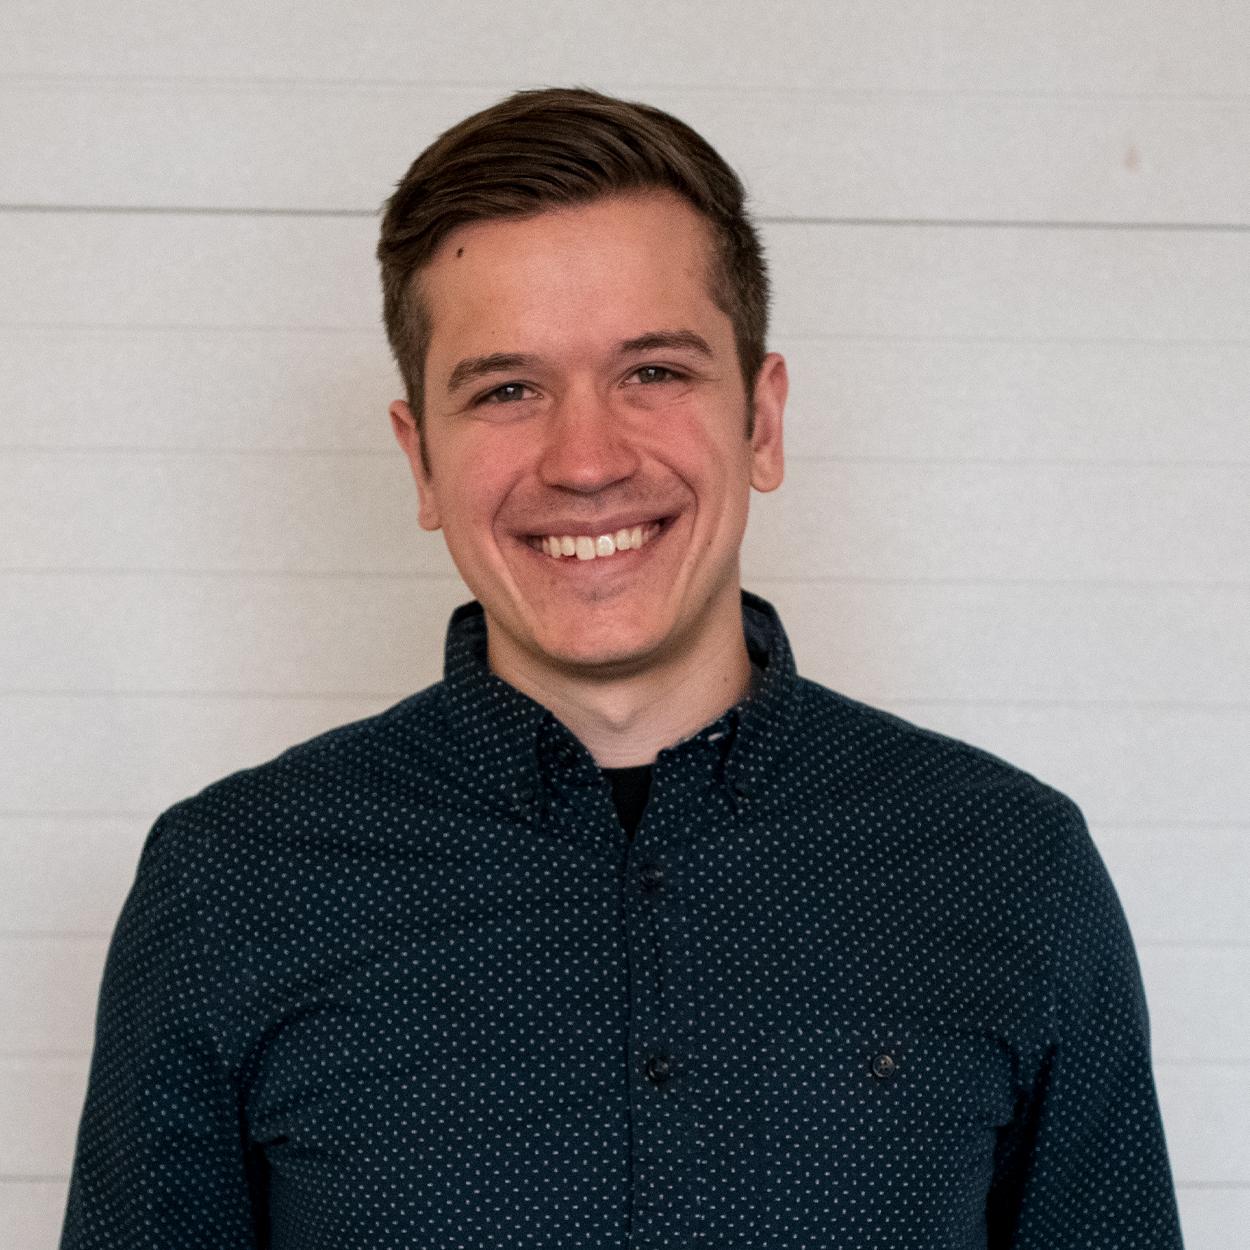 Brendan Oberkircher   Director of Creative, Missio Dei Central